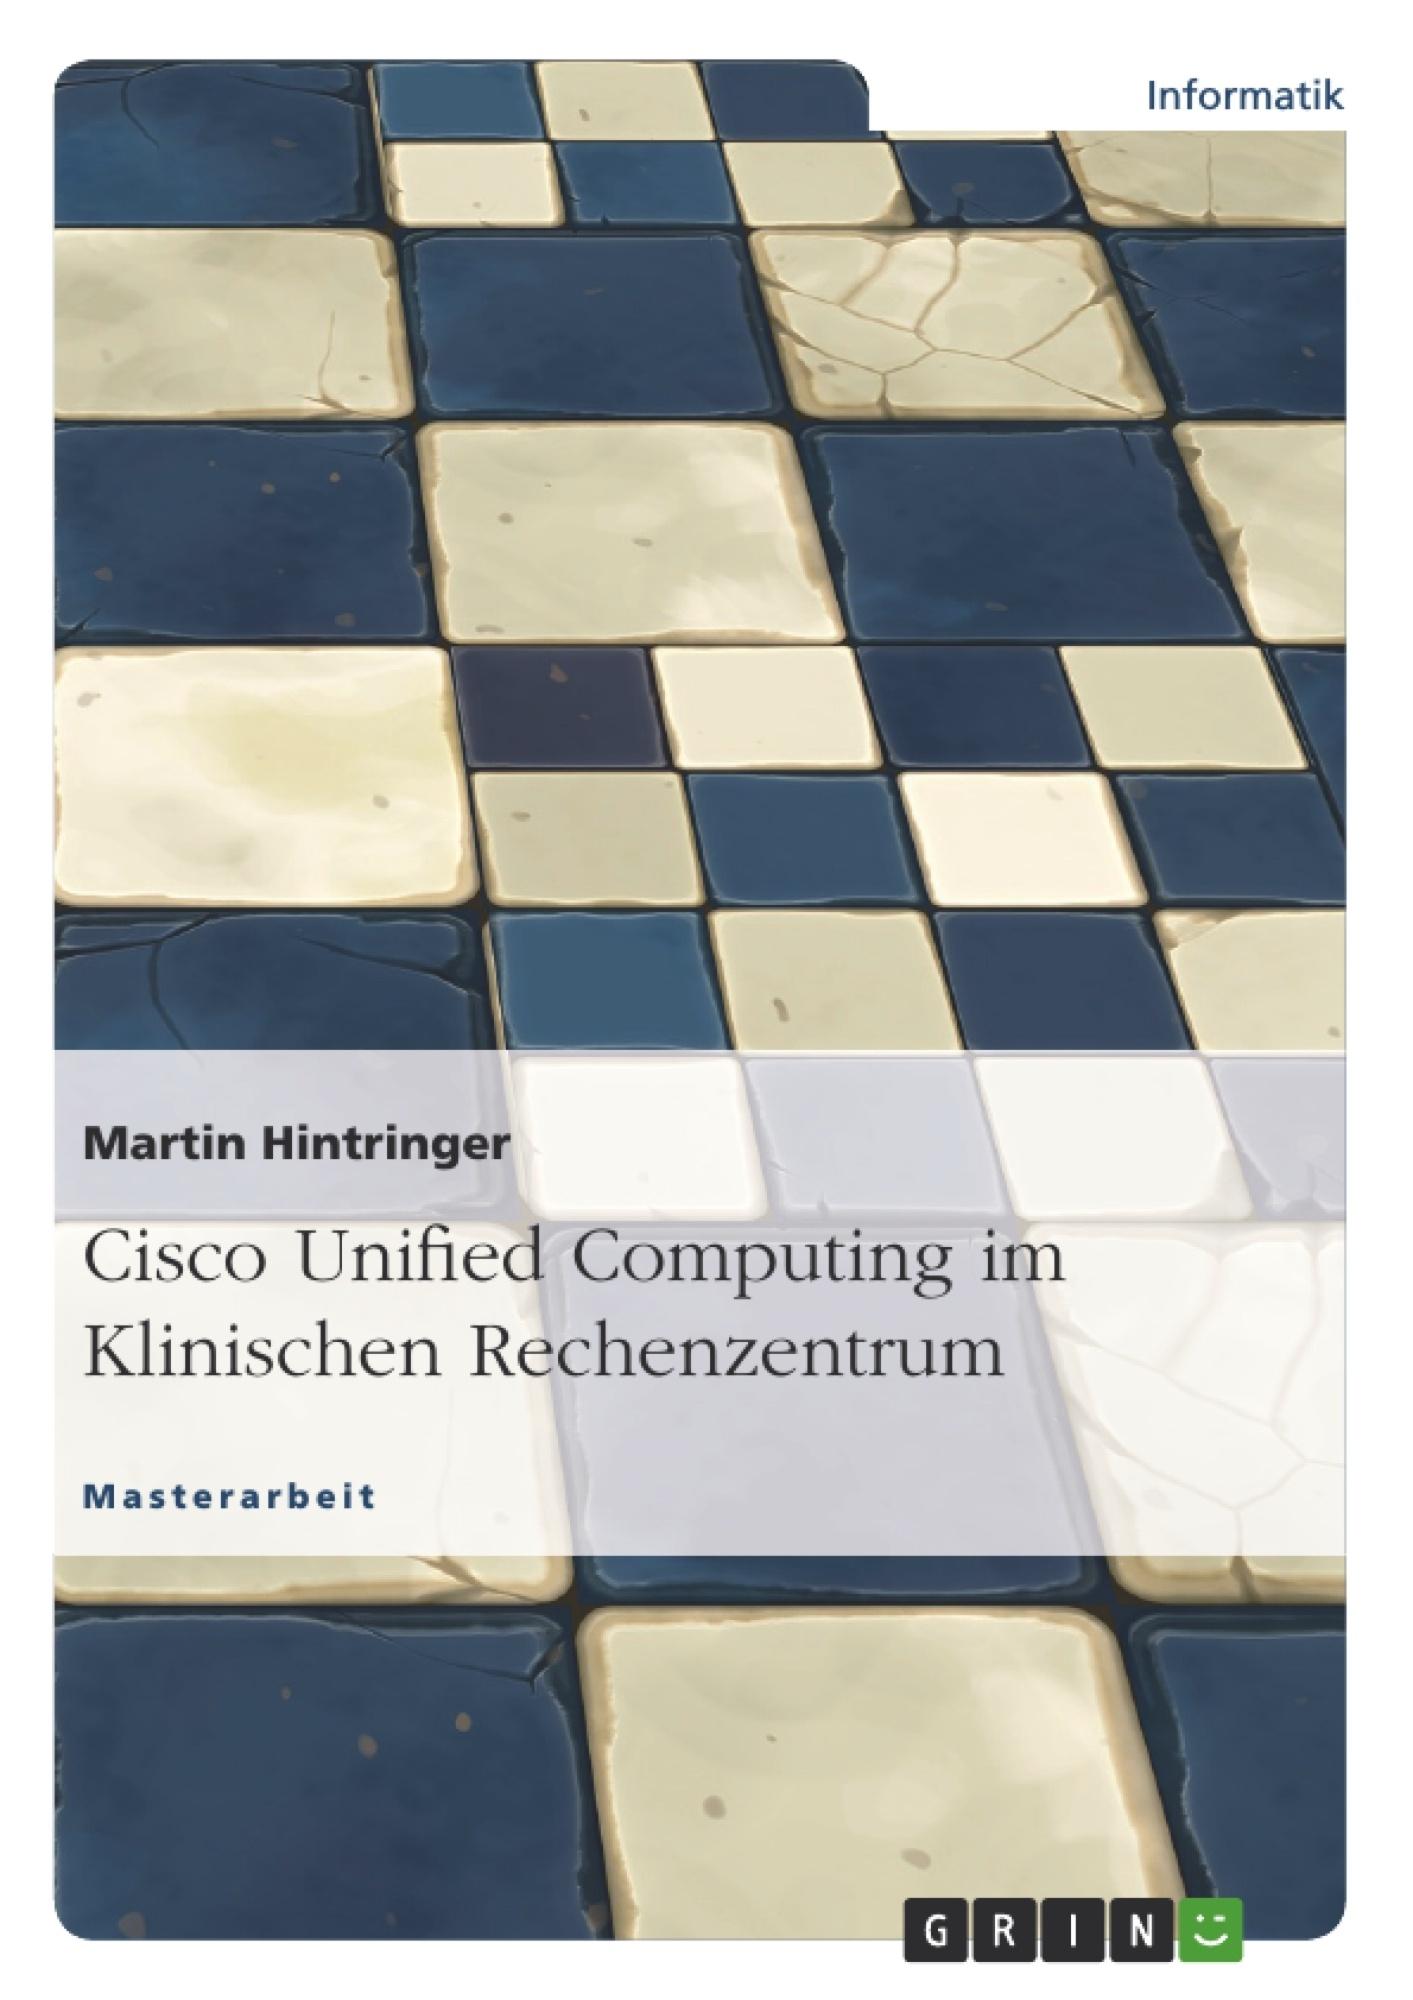 Titel: Cisco Unified Computing im Klinischen Rechenzentrum